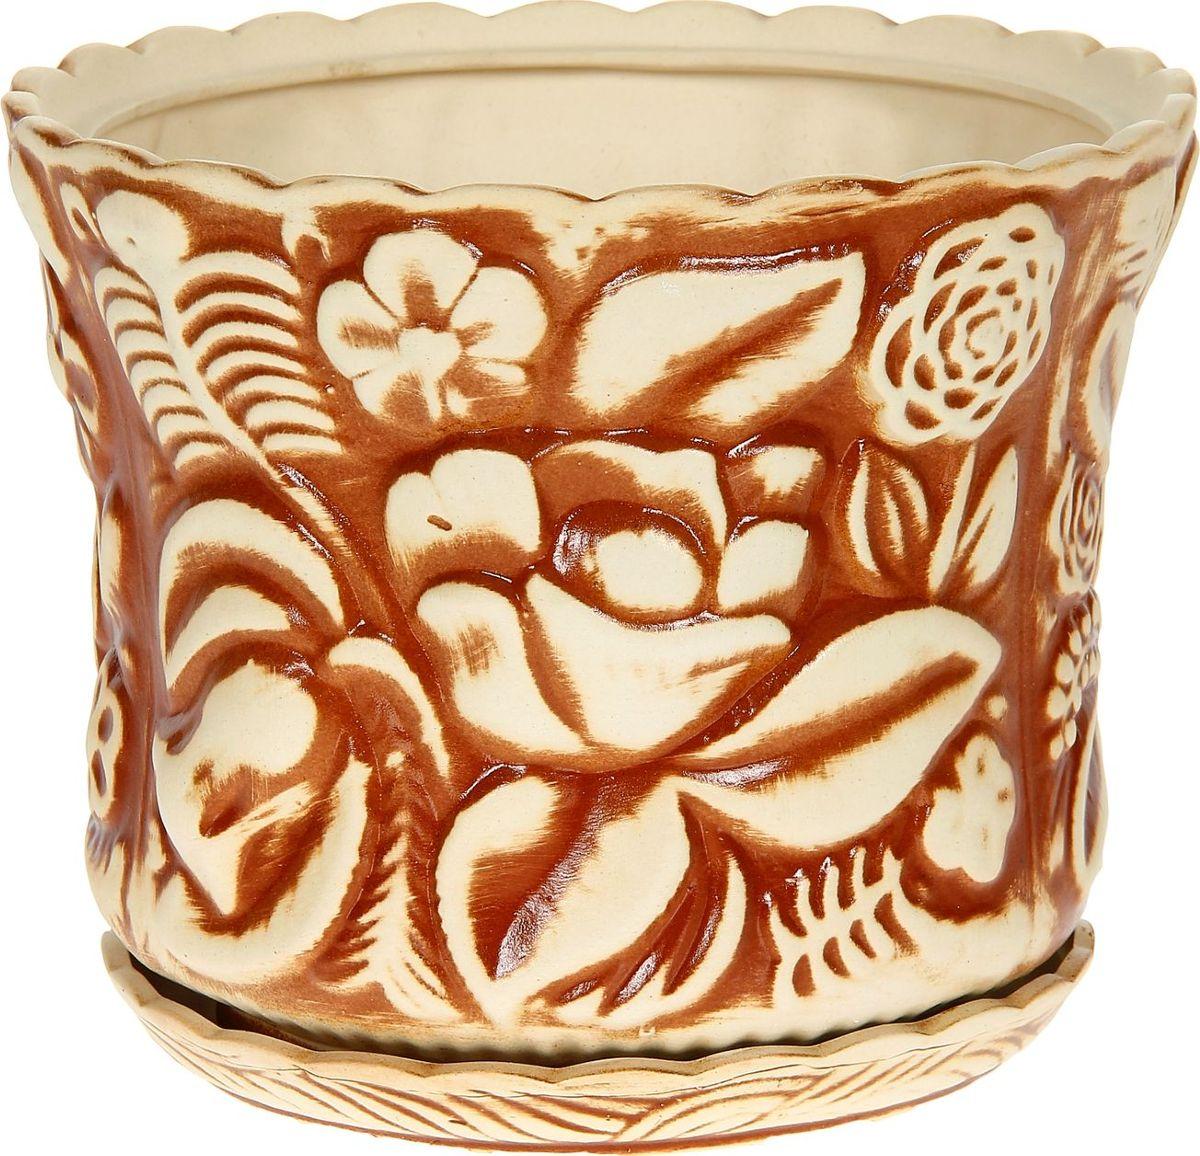 Кашпо Керамика ручной работы Букет, 11 л1114249Комнатные растения — всеобщие любимцы. Они радуют глаз, насыщают помещение кислородом и украшают пространство. Каждому из них необходим свой удобный и красивый дом. Кашпо из керамики прекрасно подходят для высадки растений: за счёт пластичности глины и разных способов обработки существует великое множество форм и дизайновпористый материал позволяет испаряться лишней влагевоздух, необходимый для дыхания корней, проникает сквозь керамические стенки! #name# позаботится о зелёном питомце, освежит интерьер и подчеркнёт его стиль.